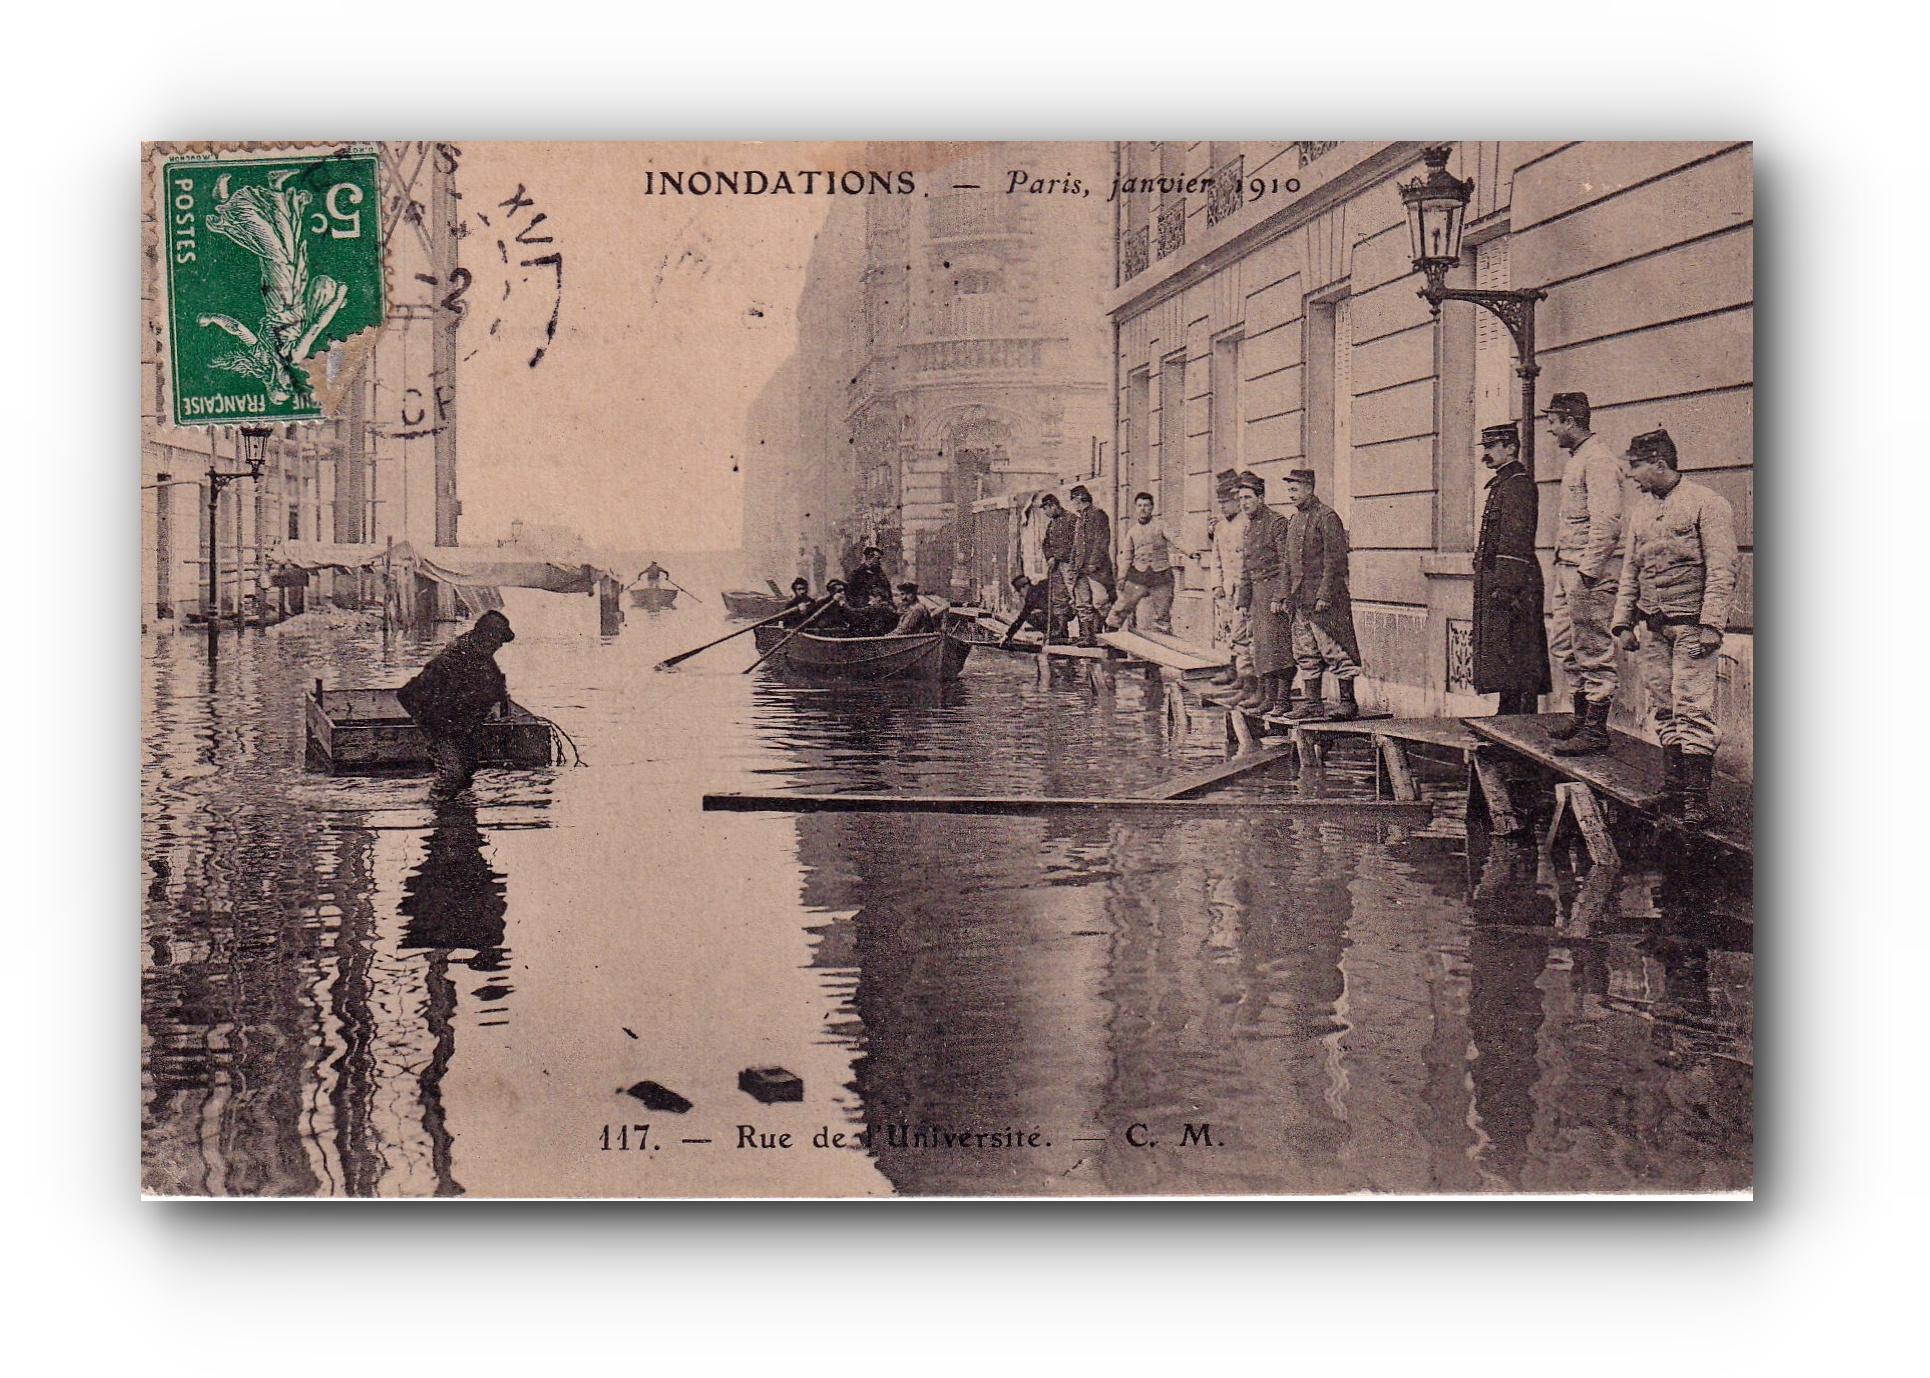 Inondations - PARIS - 15.02.1910 - Überschwemmung in Paris - Flood in Paris